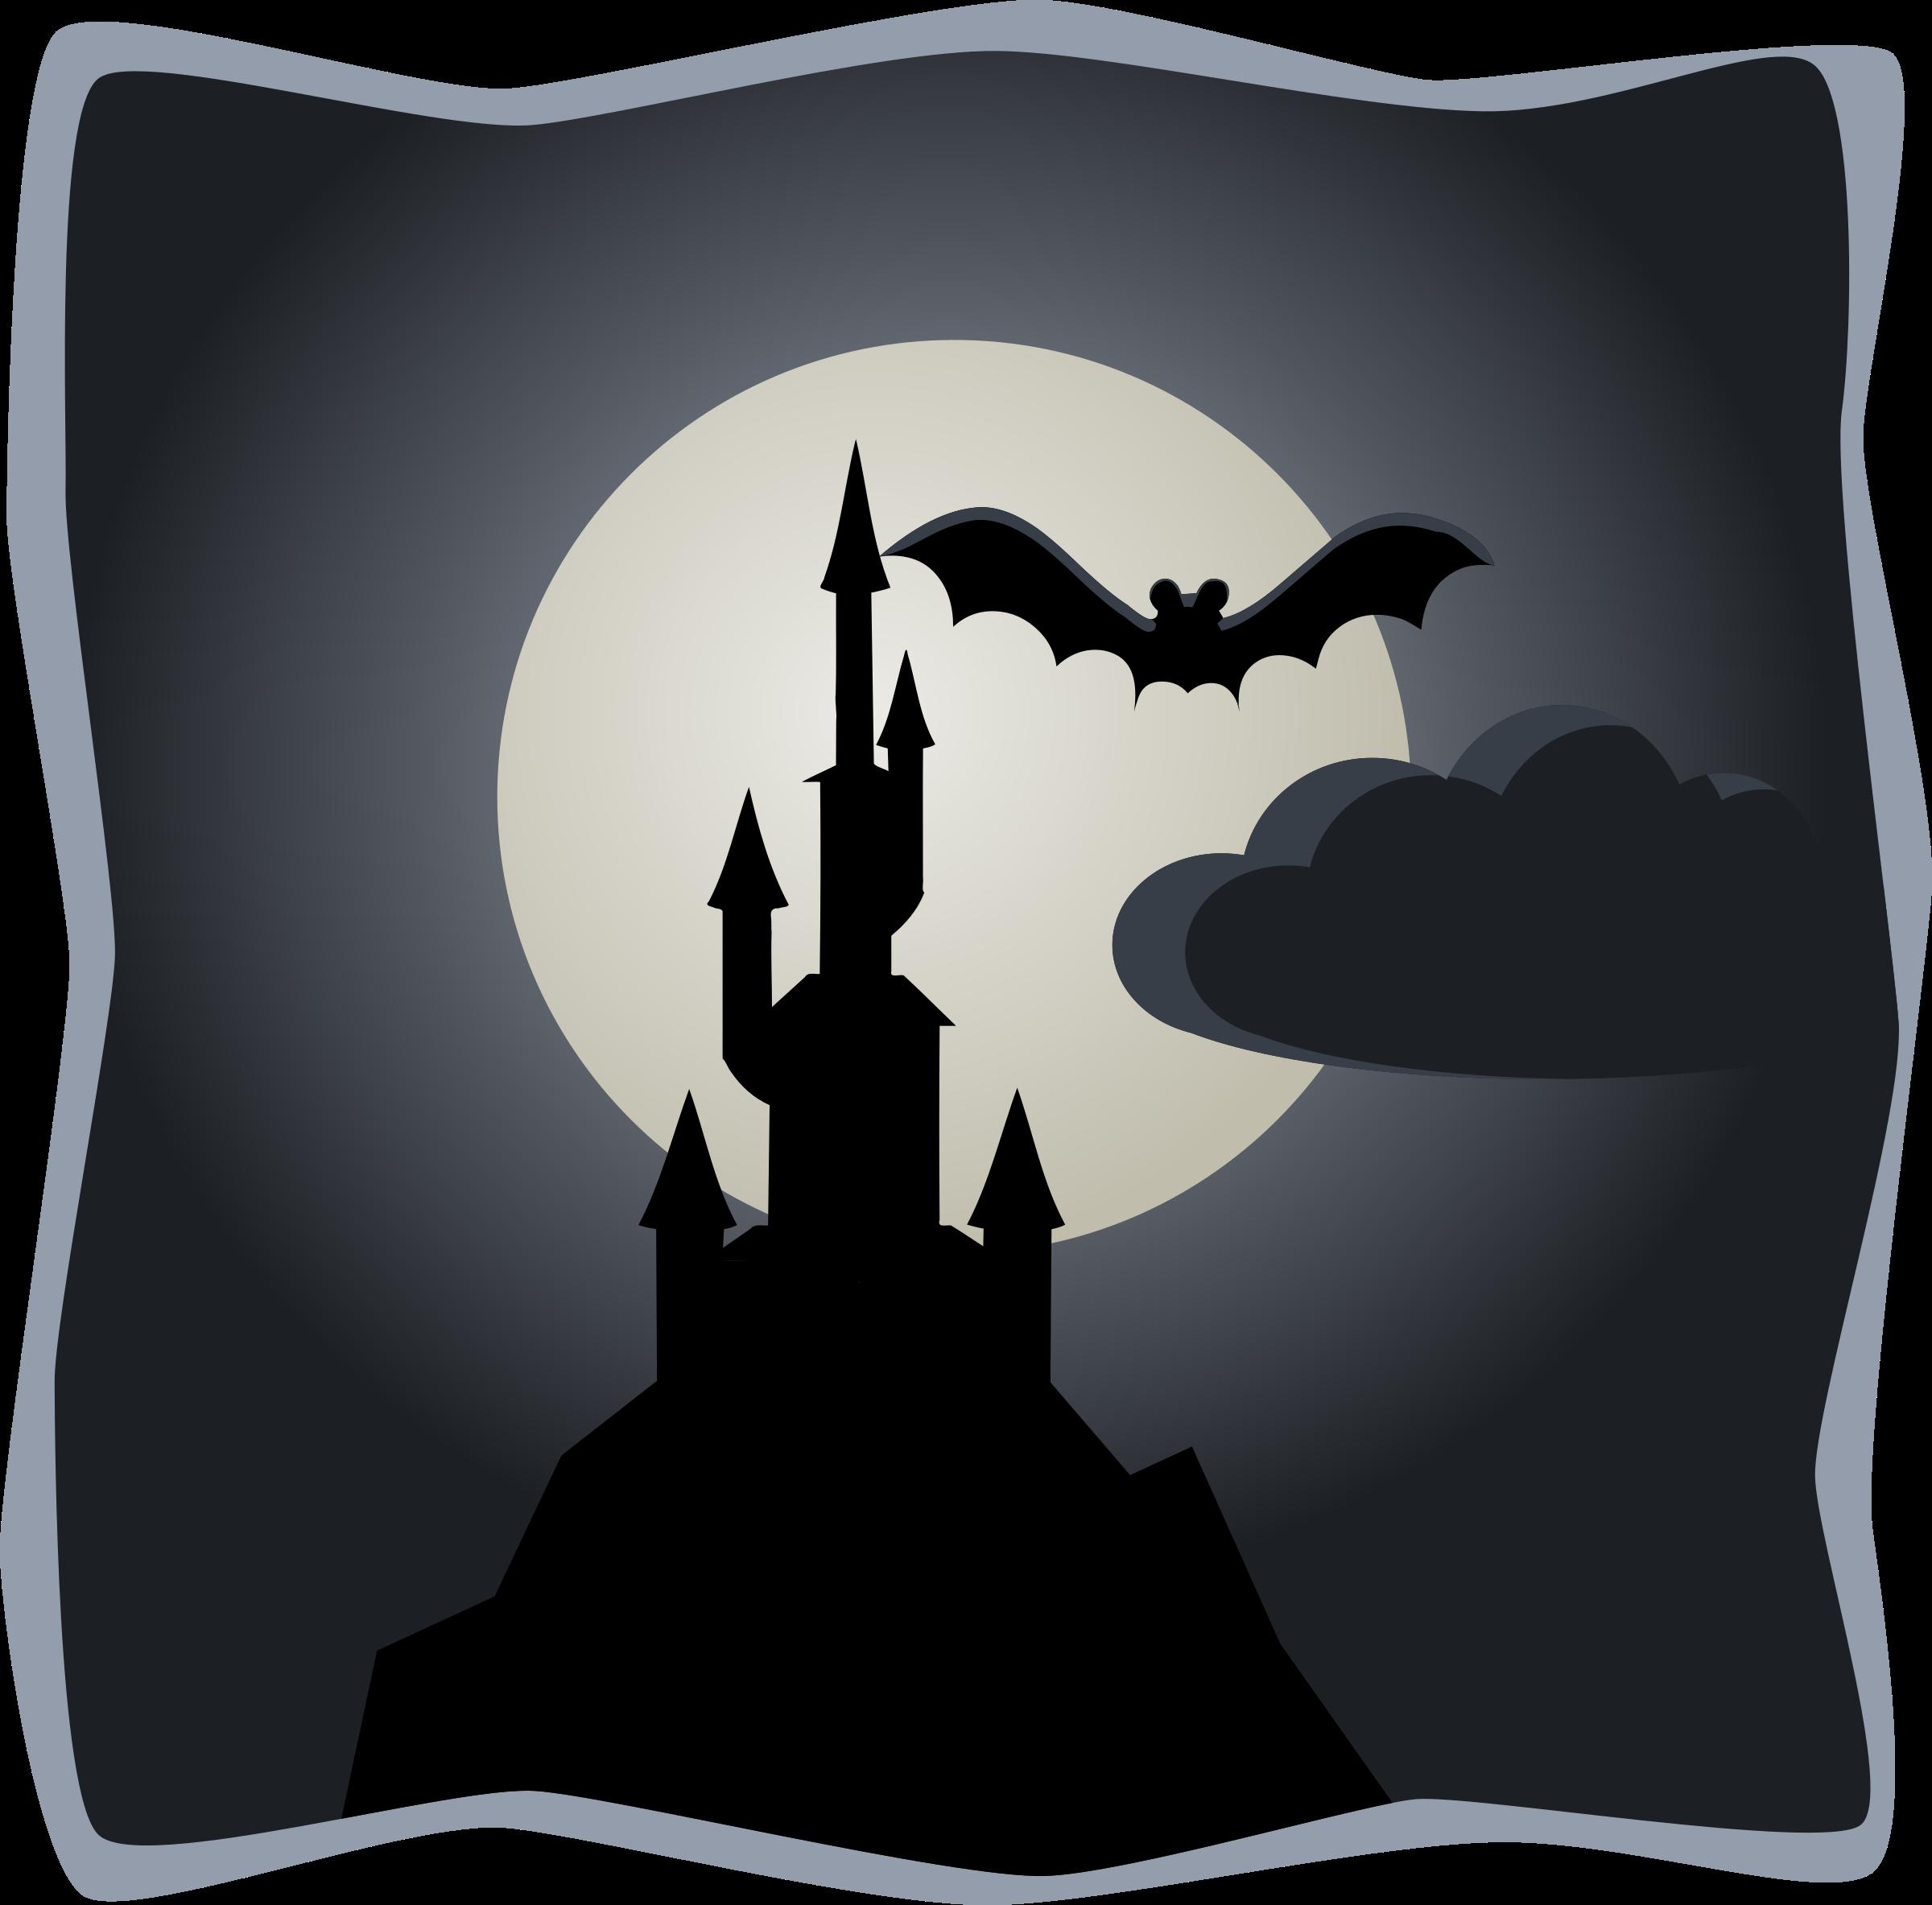 Spooky clipart moon In in moon castle castle